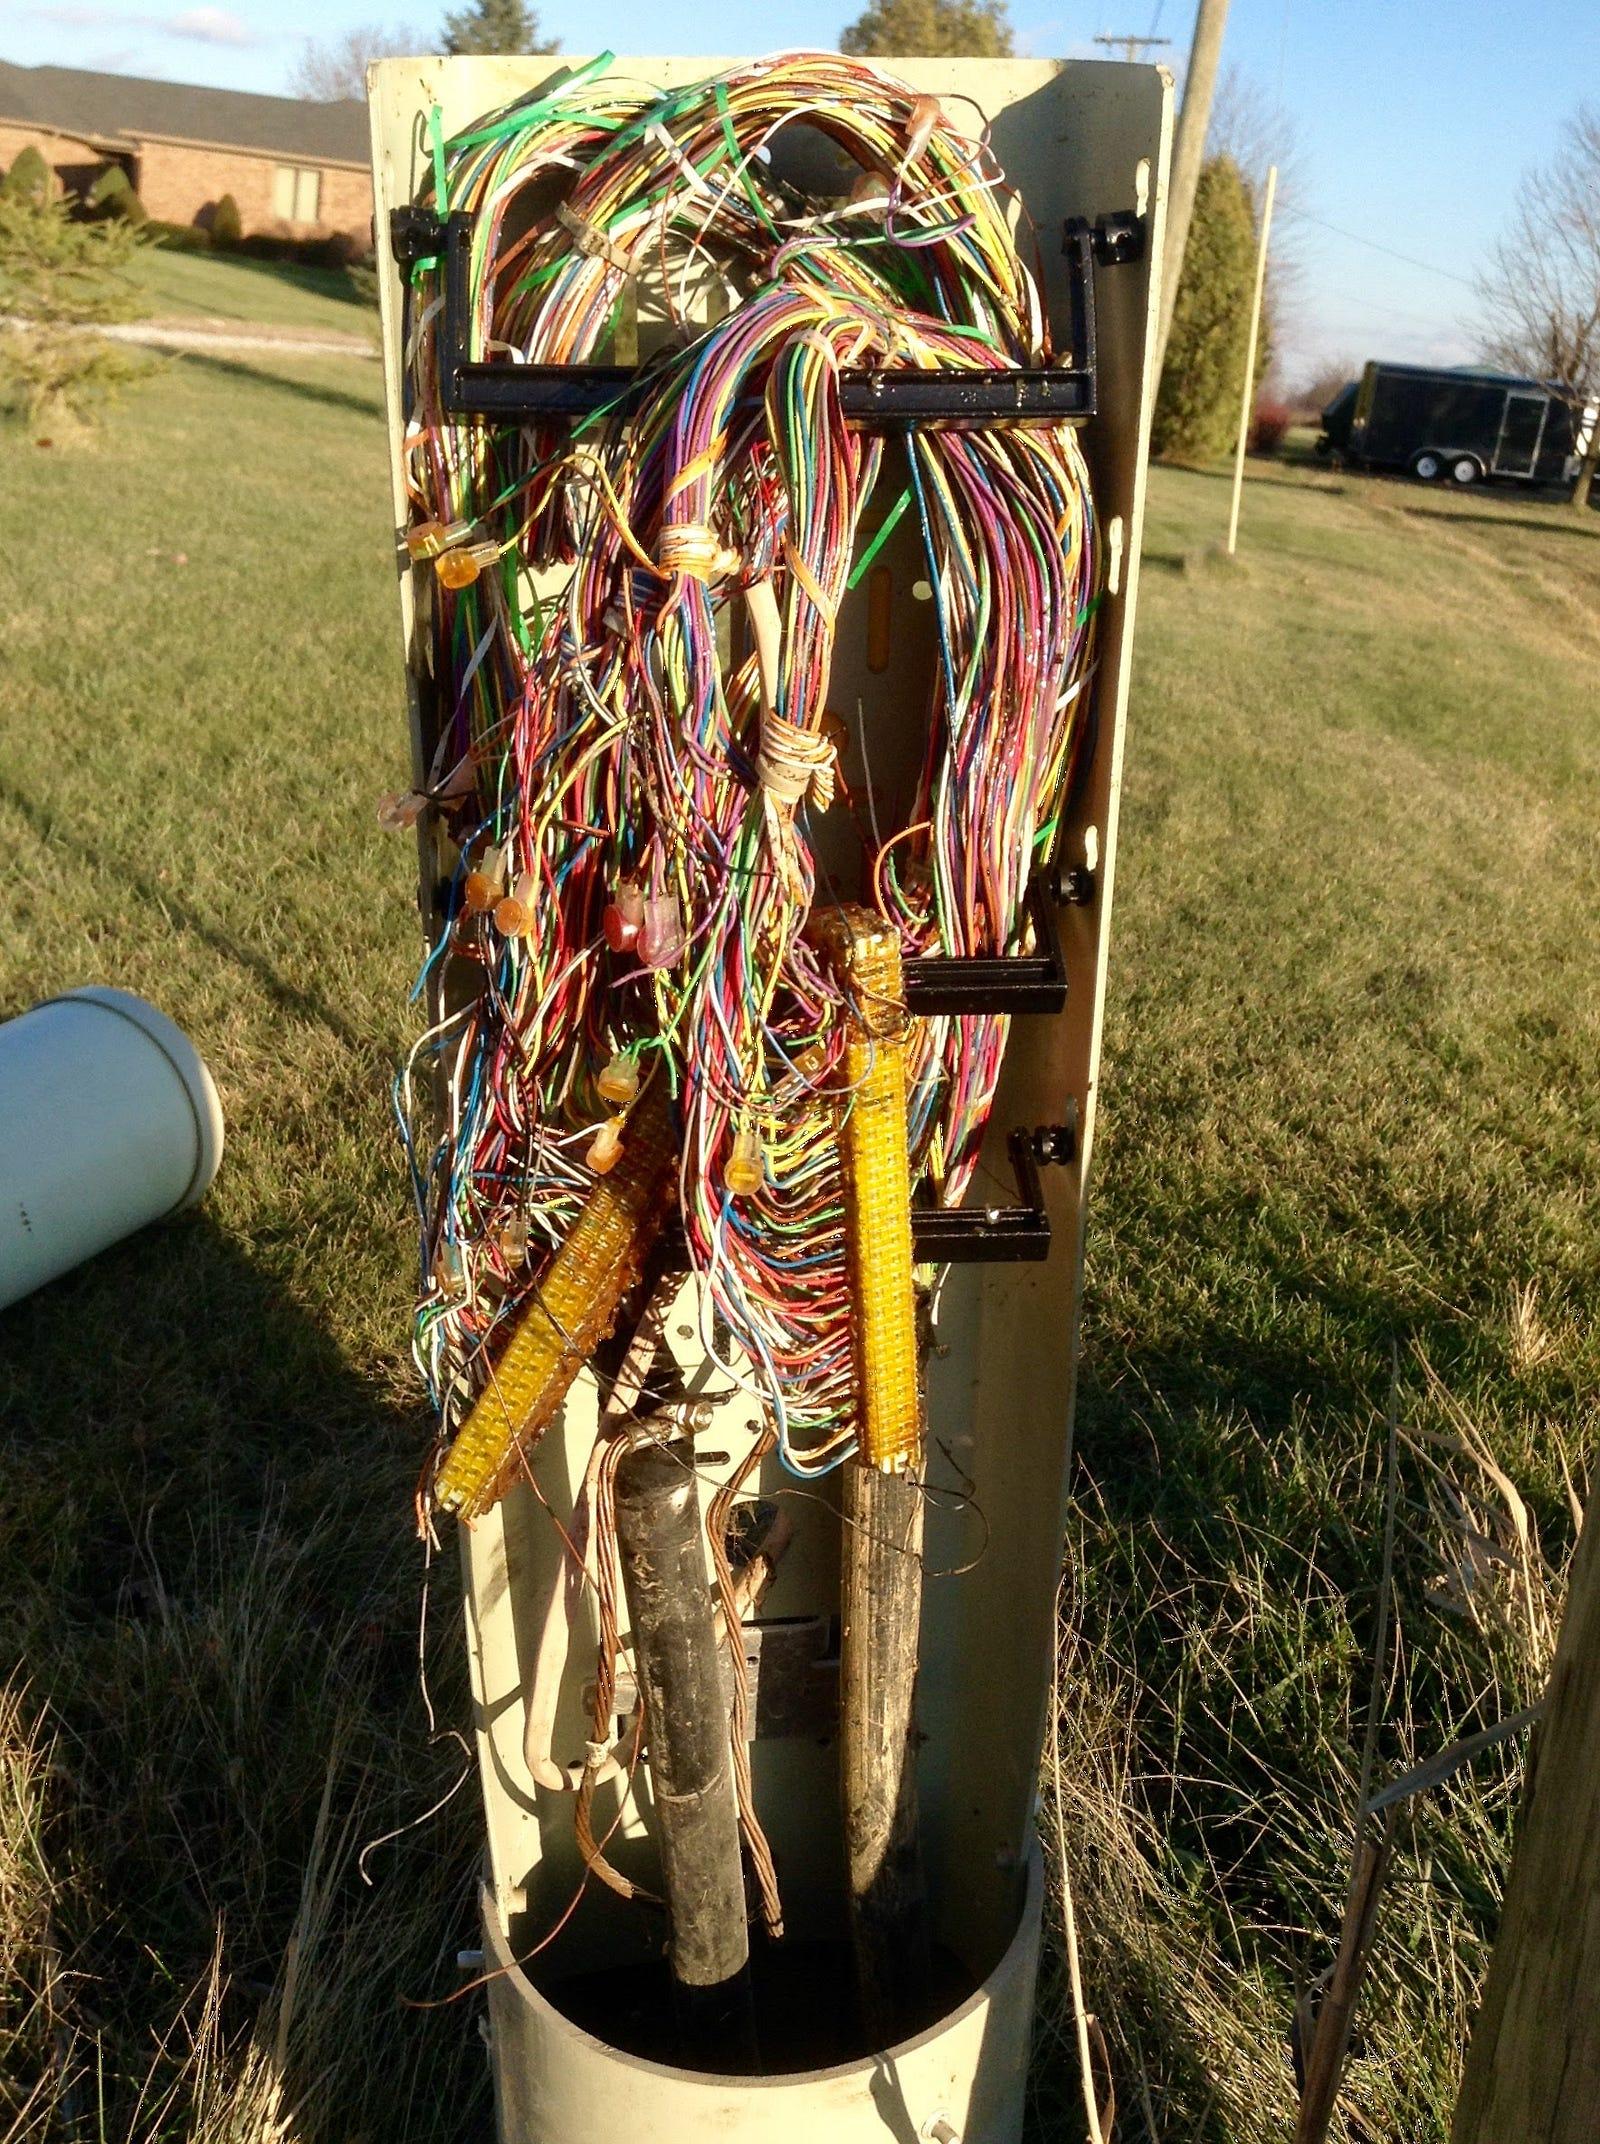 hight resolution of att u verse installation wiring